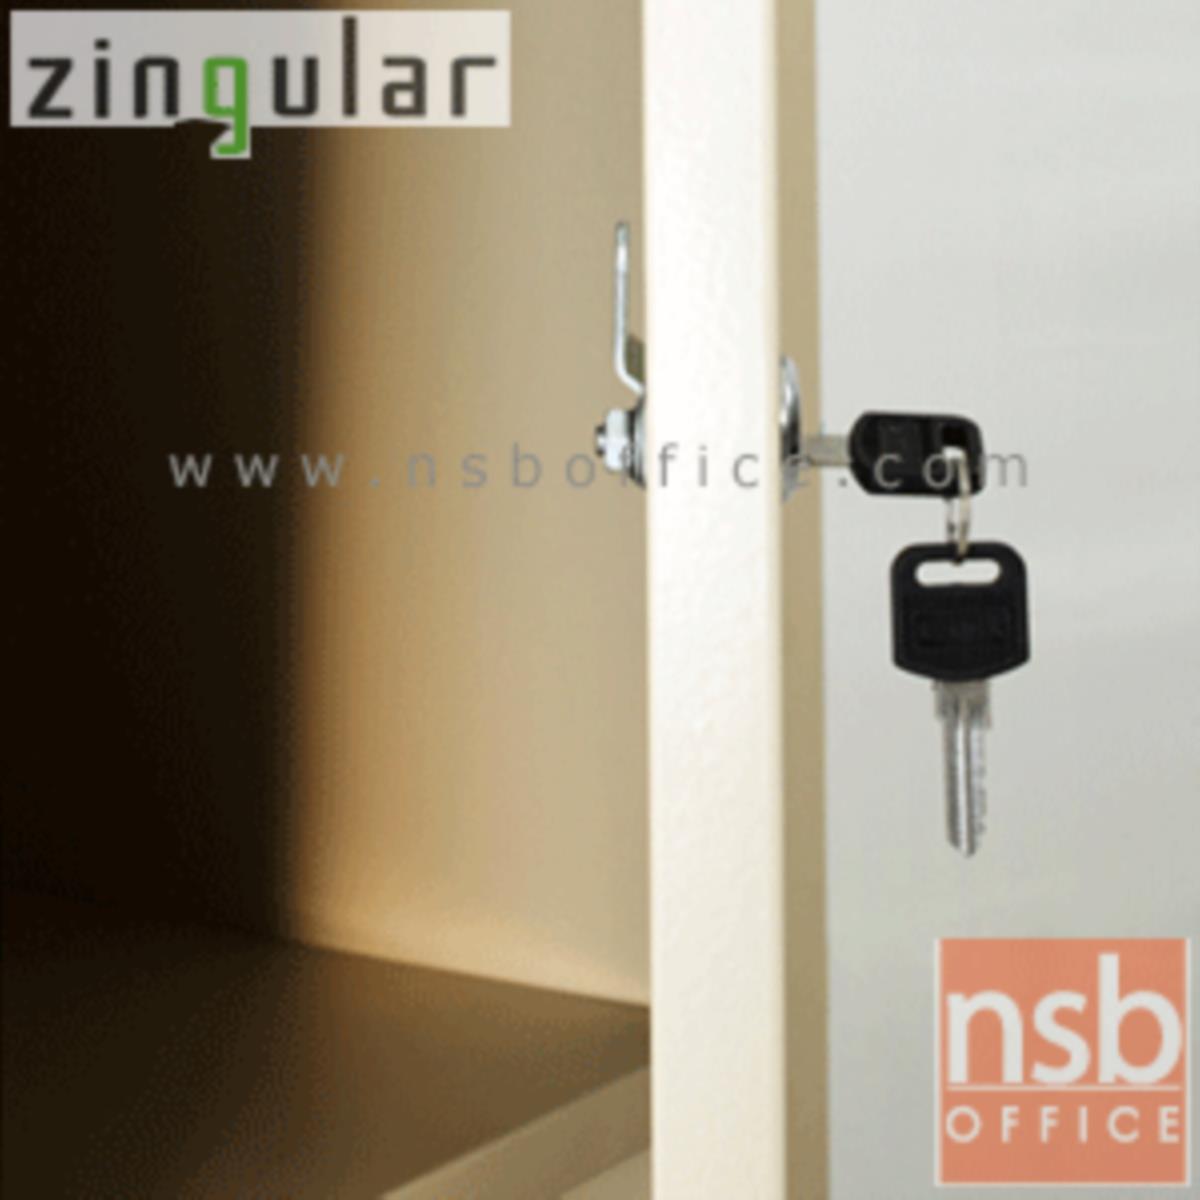 ตู้เหล็กล็อคเกอร์ 12 ประตู กุญแจแยก รุ่น ZLK-6112